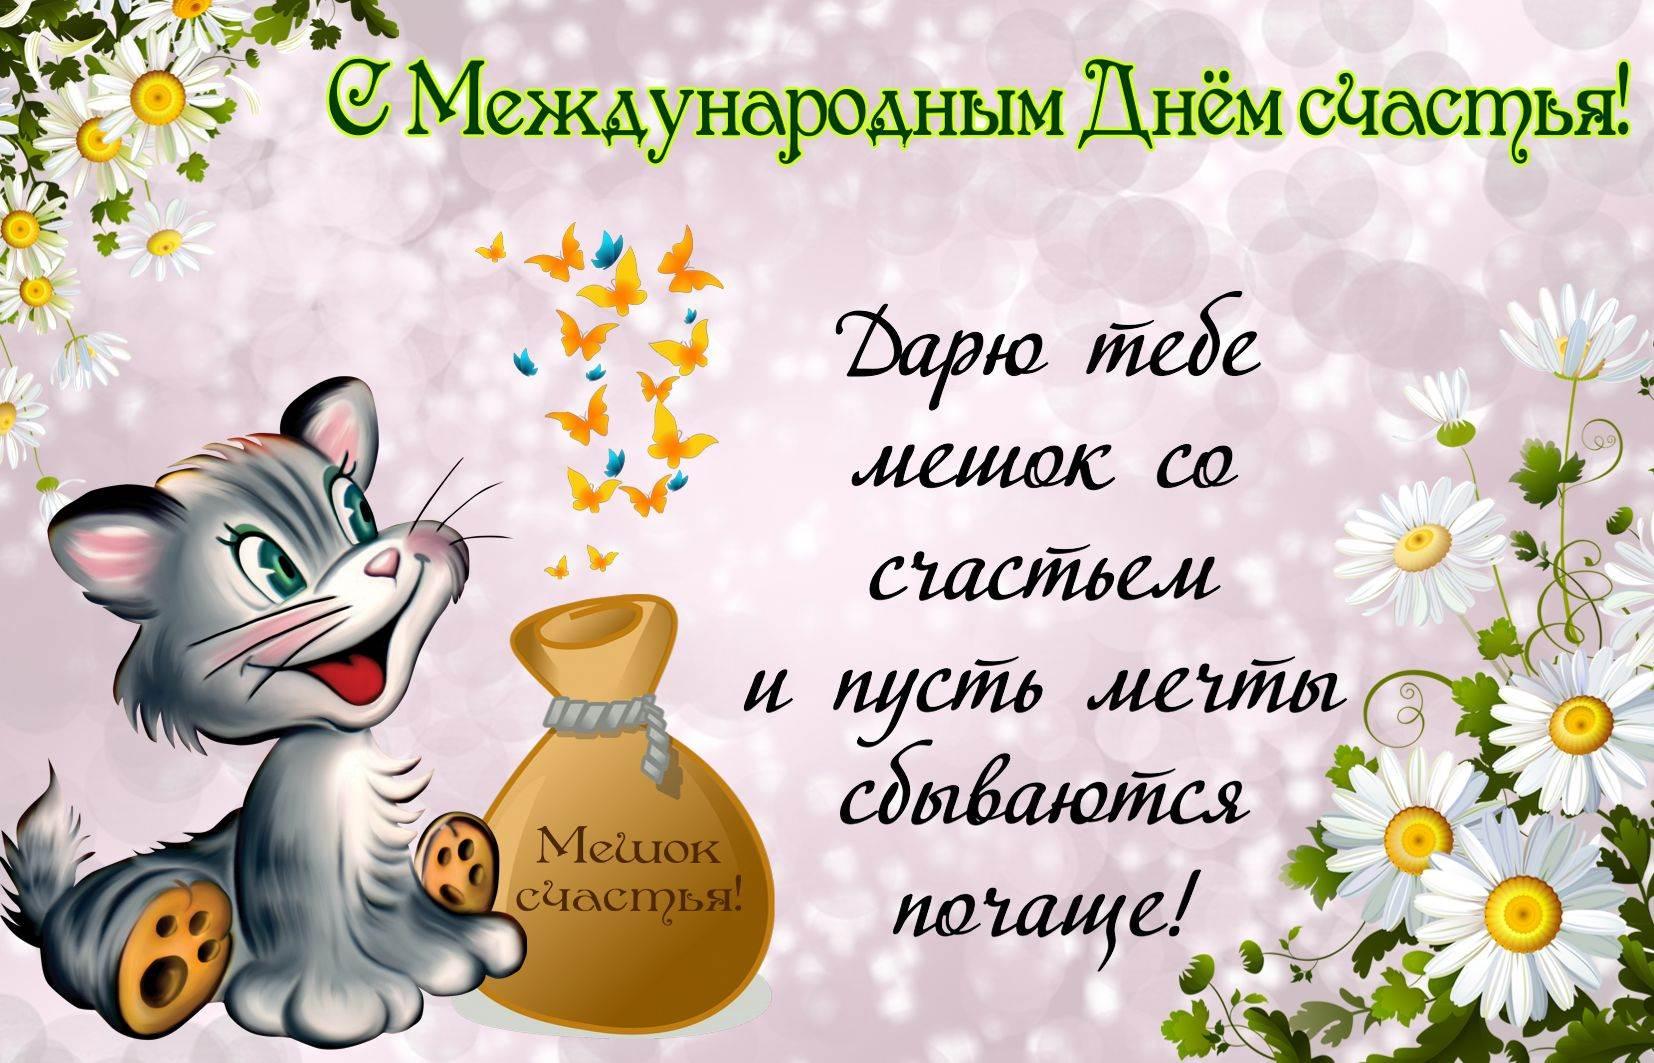 Поздравить с днем счастья открытки